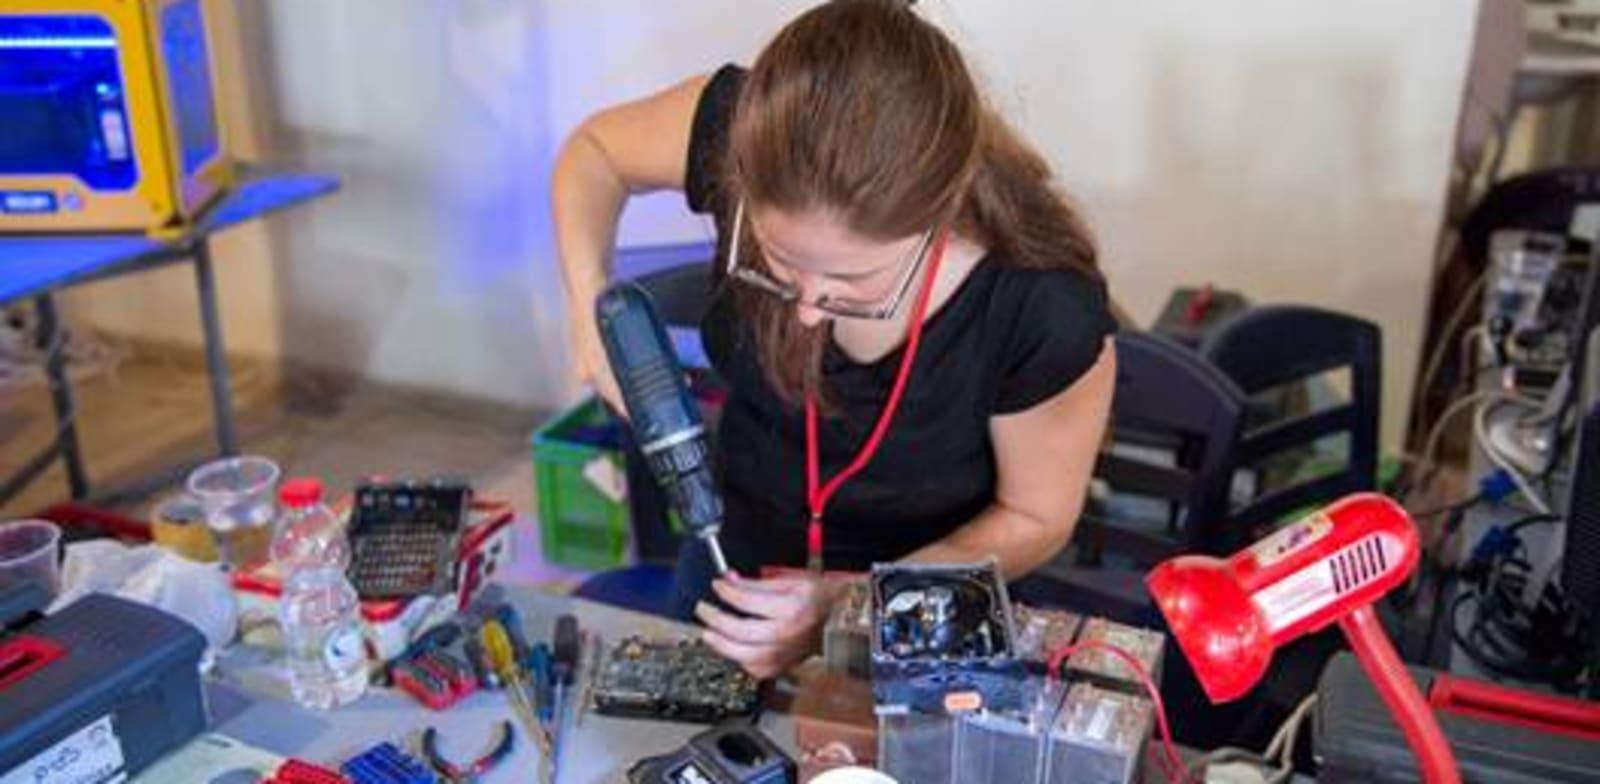 האקת'ון GeekCon / צילום: טל דואק, באדיבות GeekCon